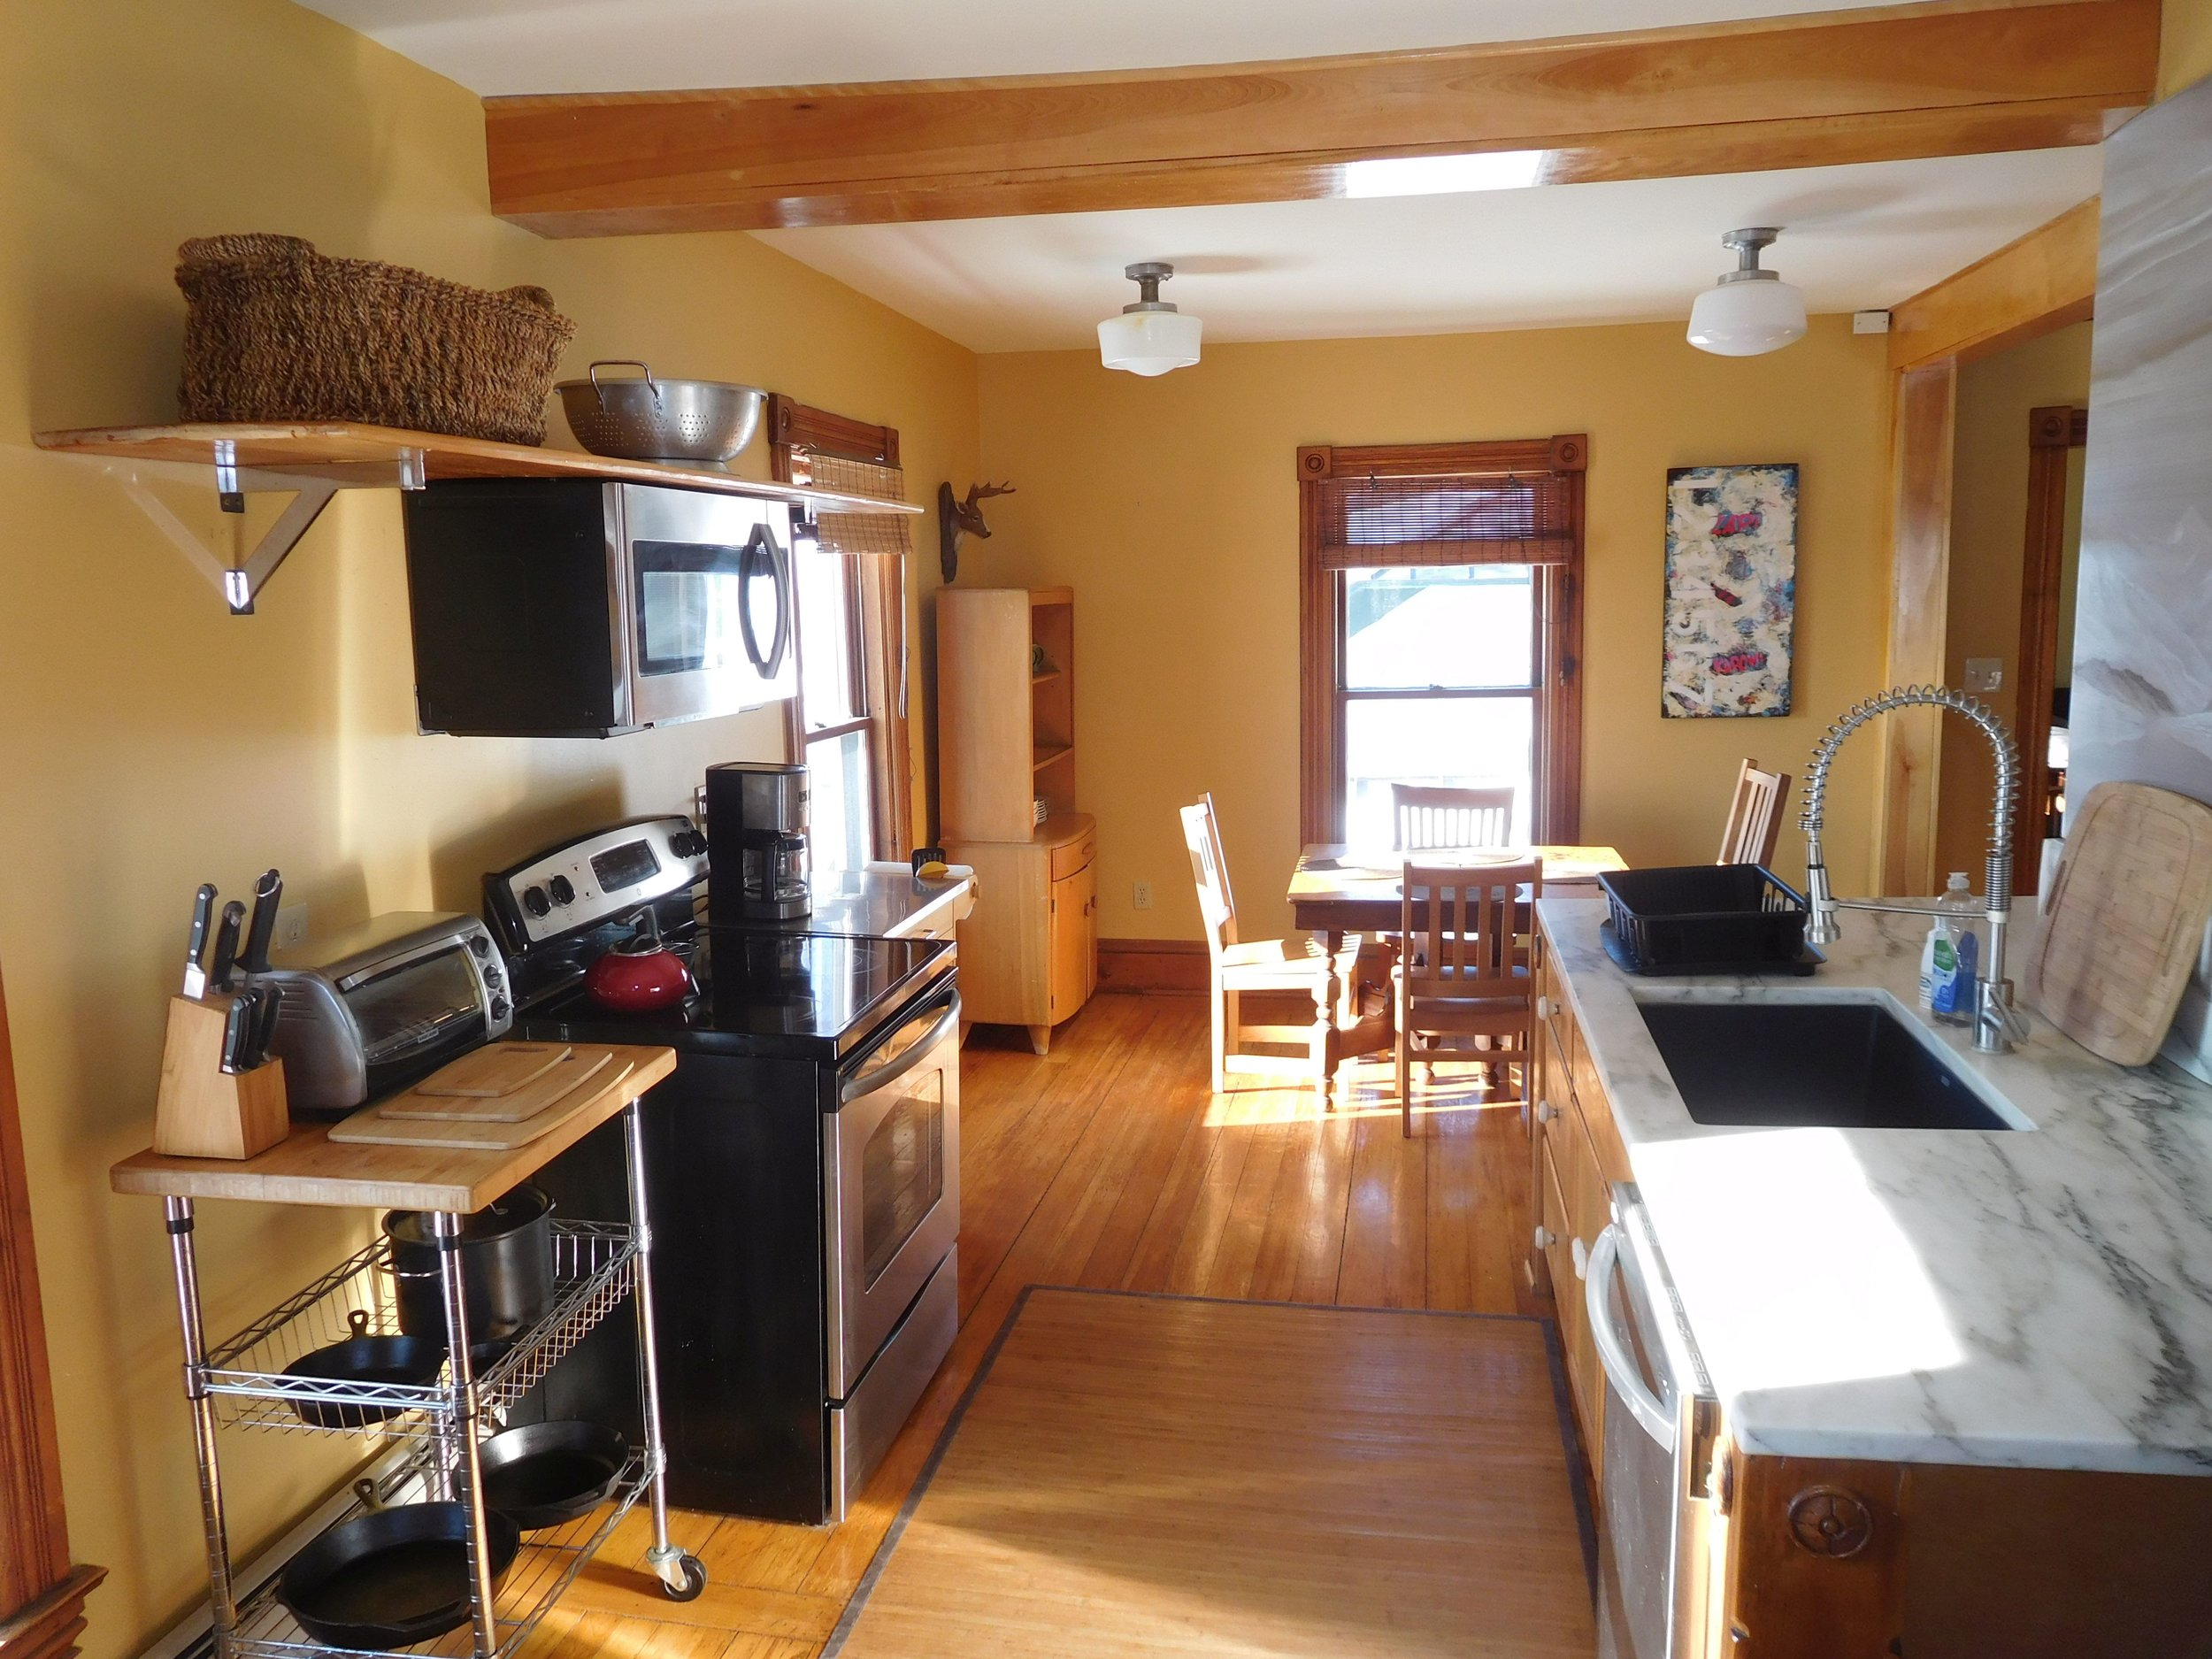 Left Wing kitchen - Plenty of counter space, dishwasher, custom brushed aluminum art.